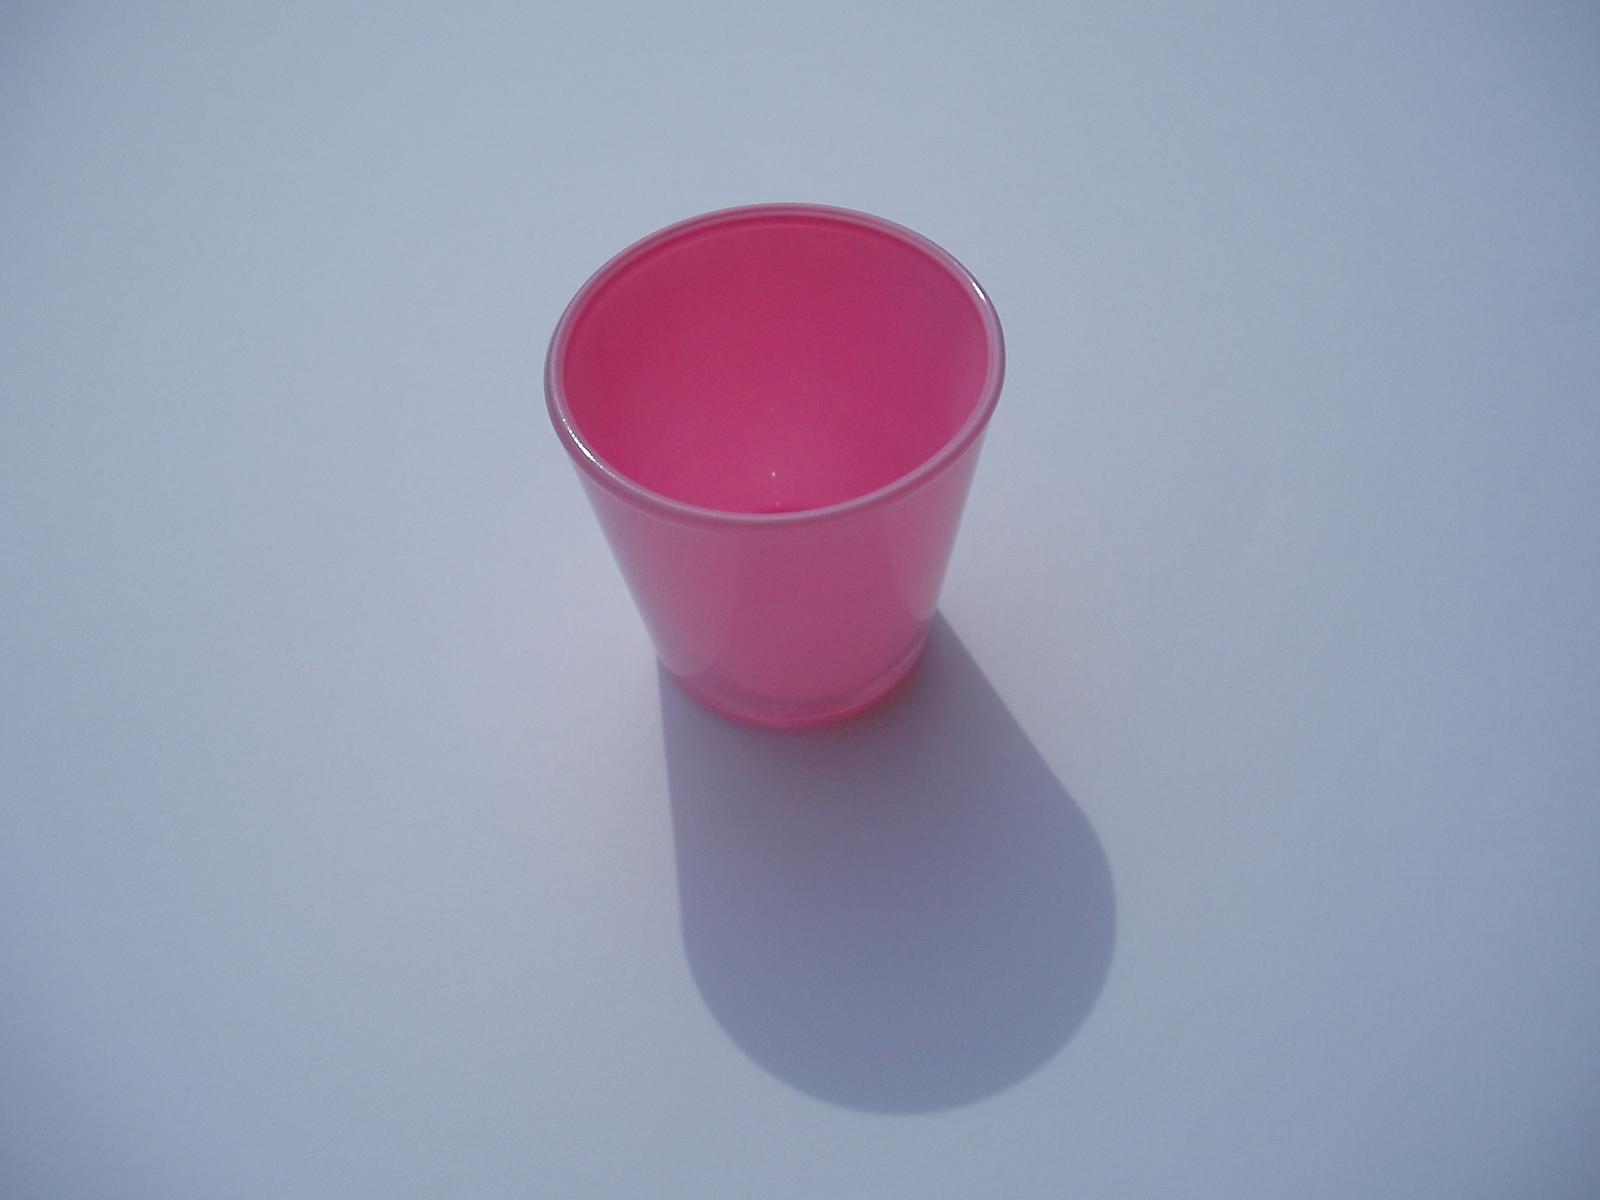 svícen skleněný-růžový - Obrázek č. 1